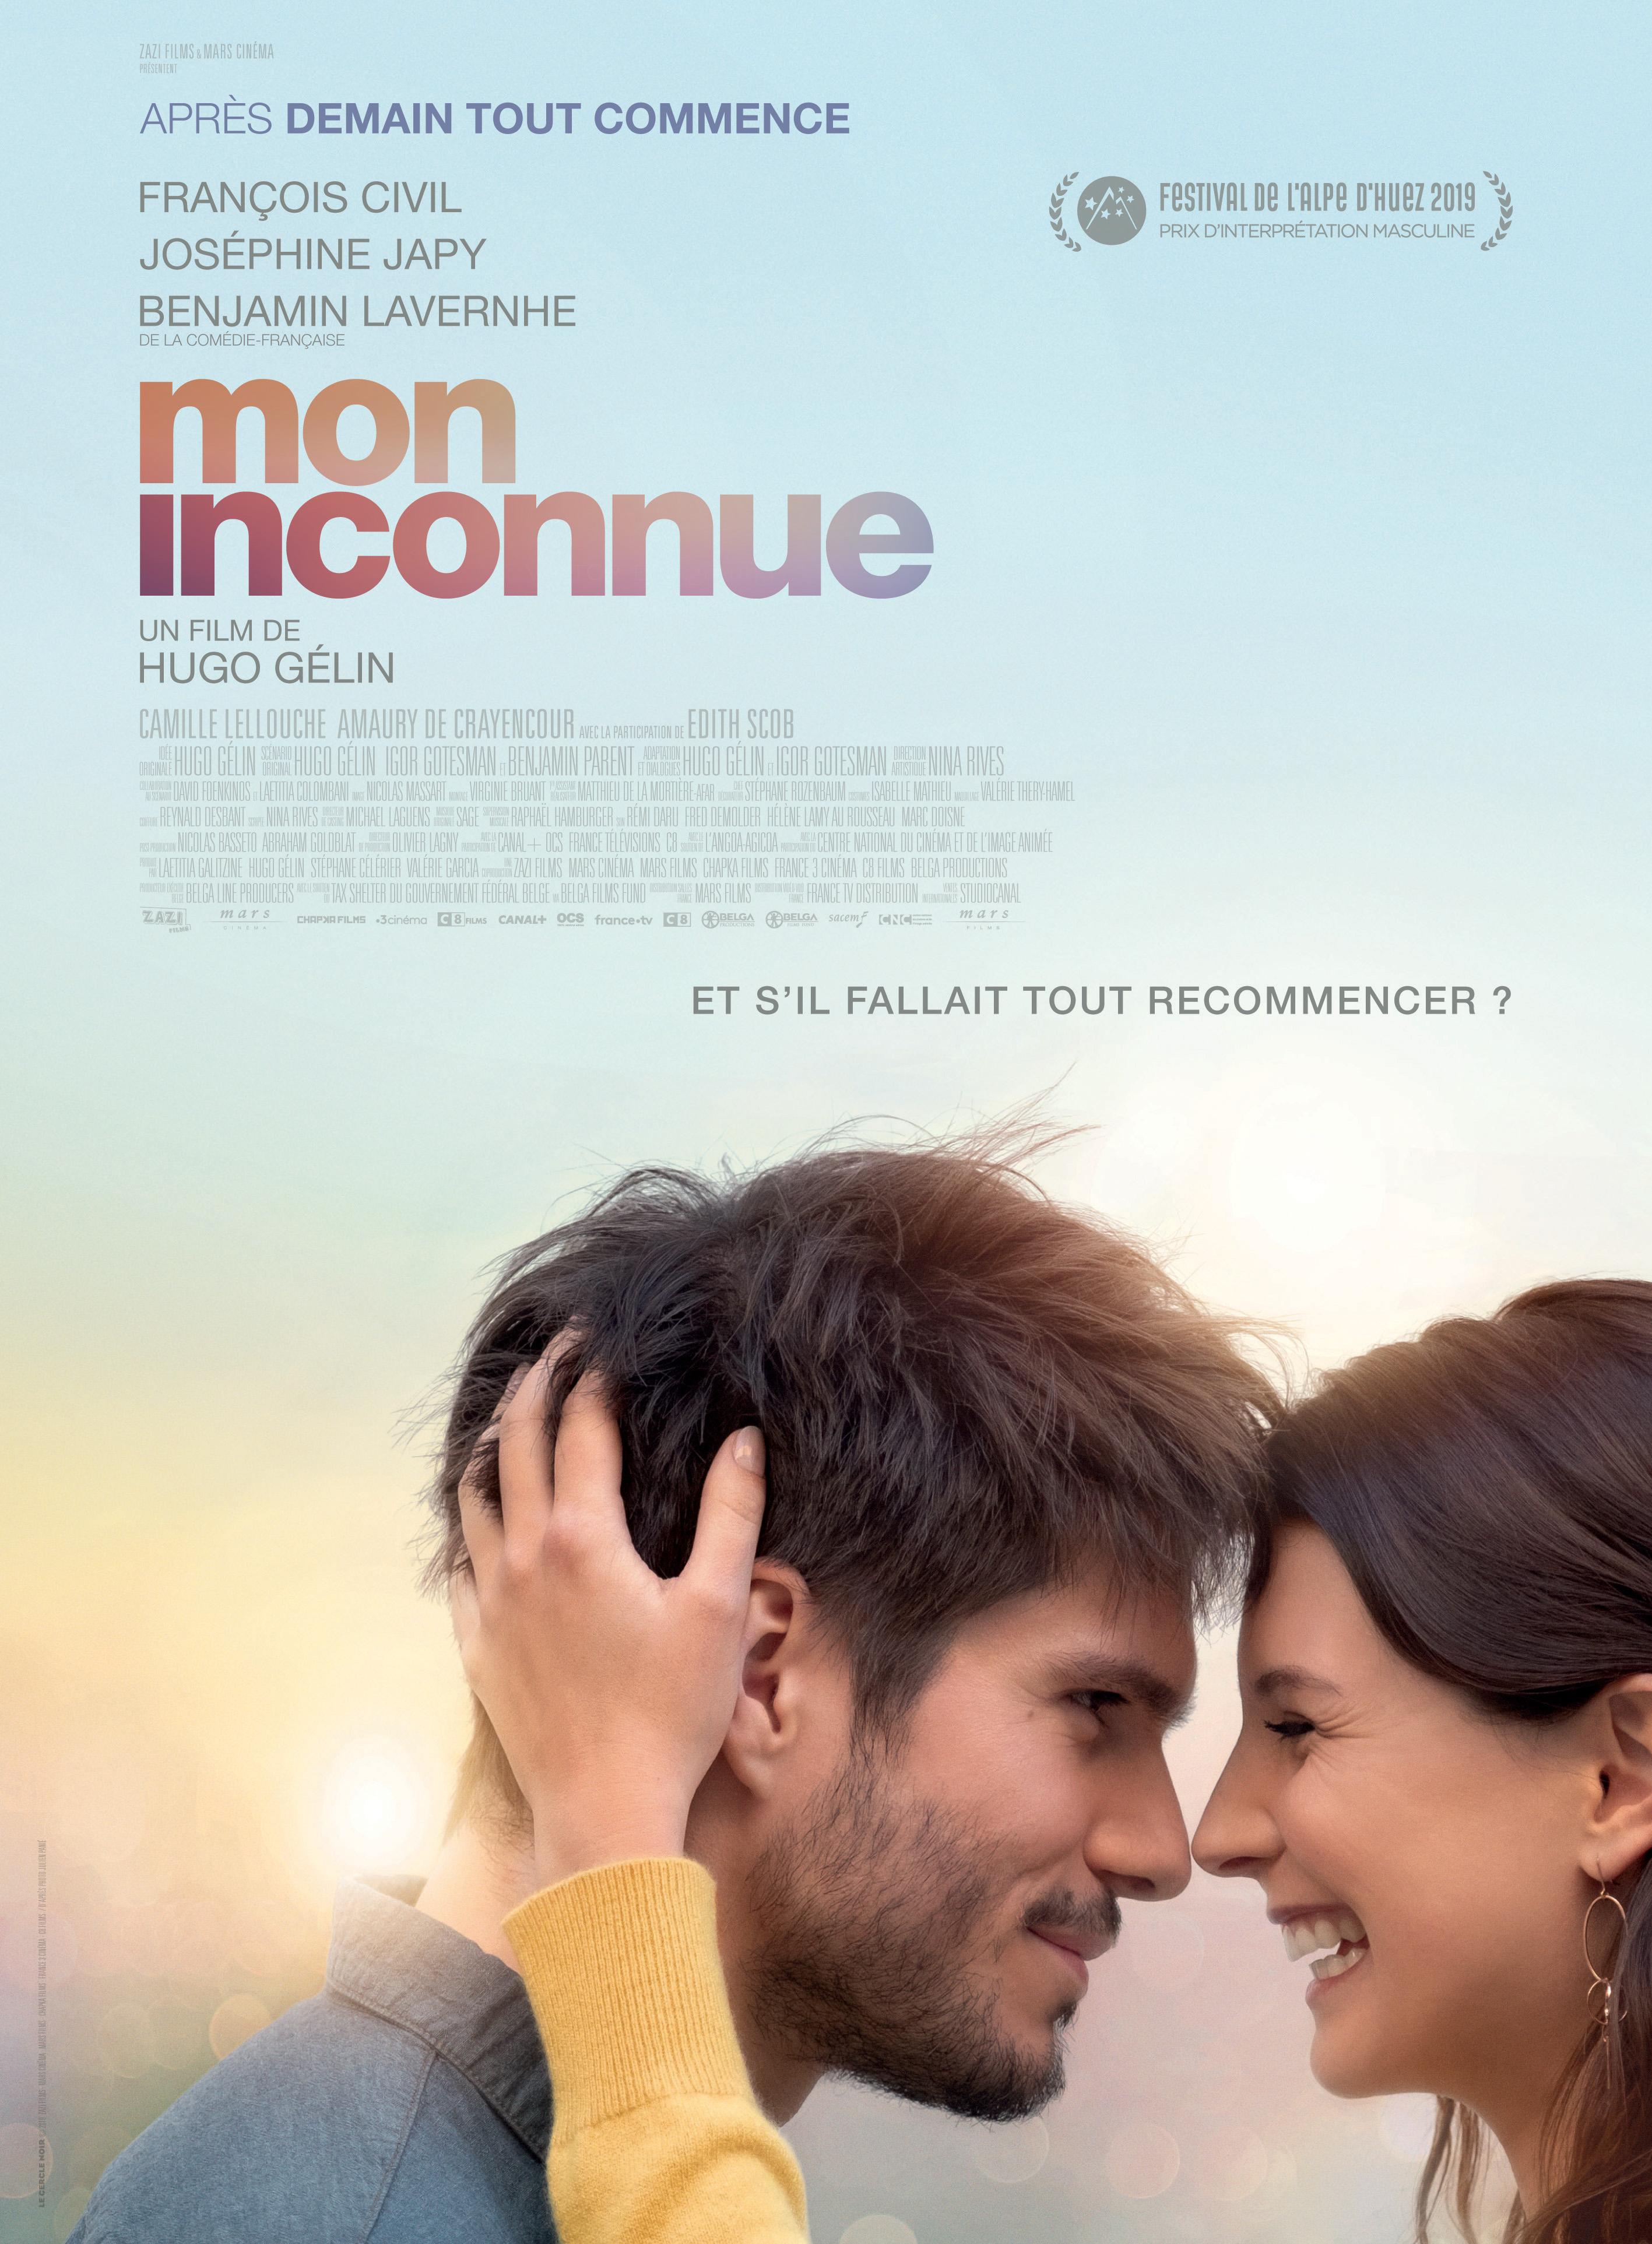 moninconnue_doc120.indd